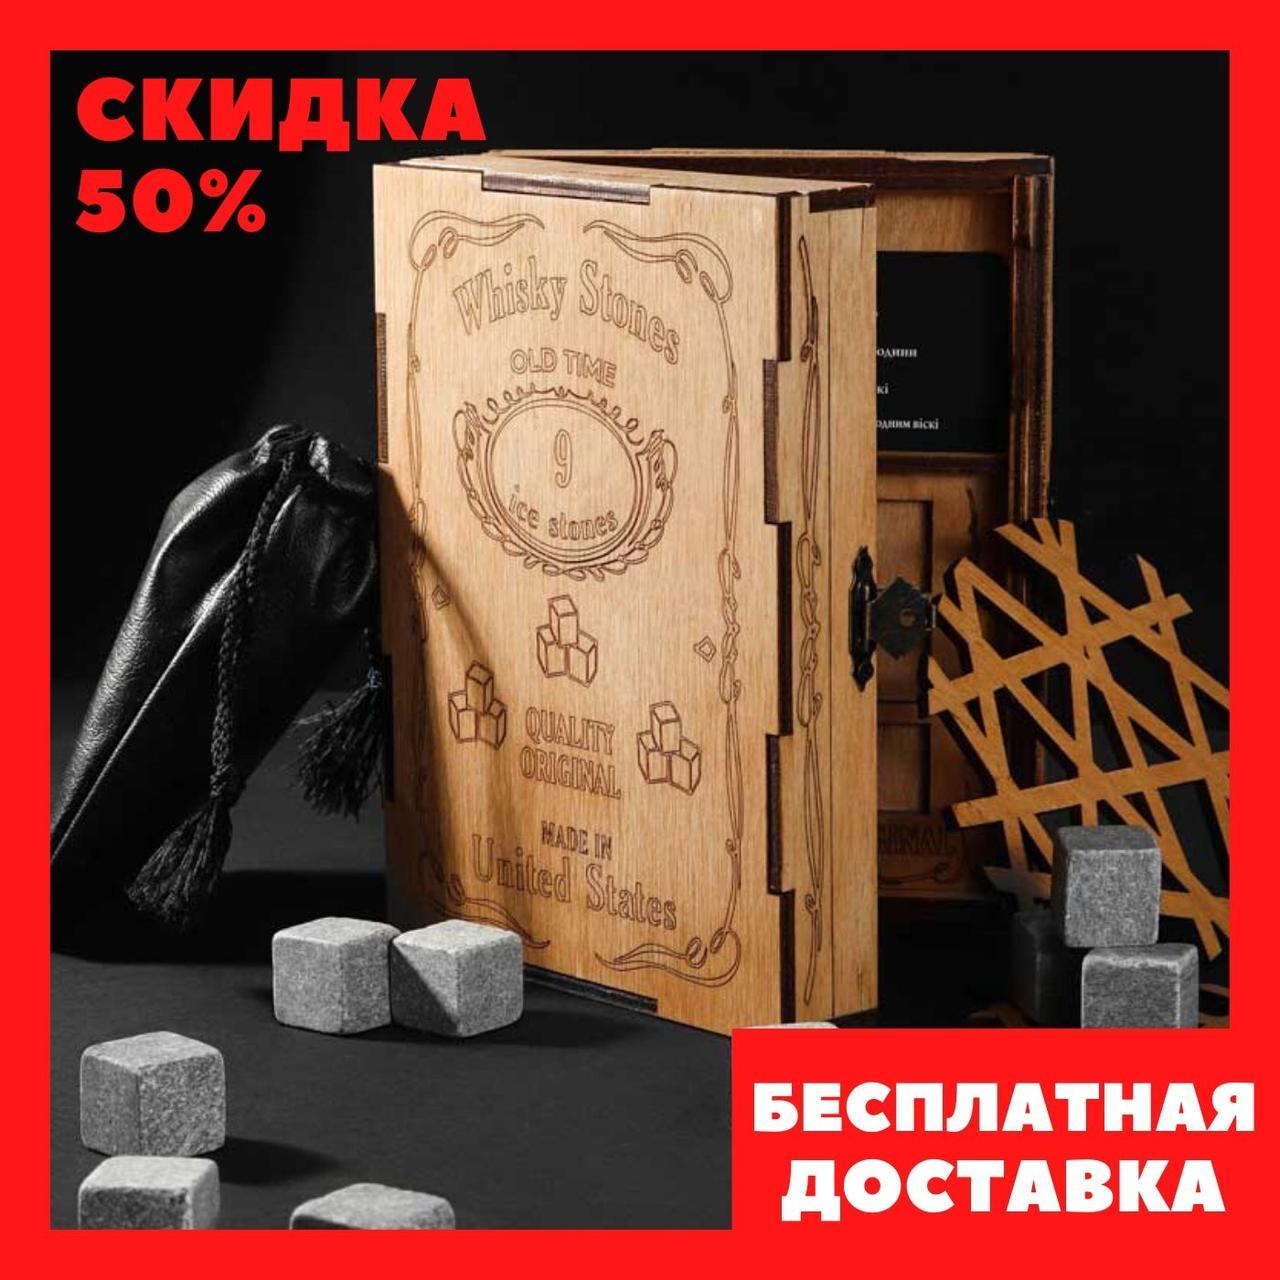 Камни для виски оригинал 9 шт Сертификат. Деревянная упаковка + мешочек+ щипцы + 2 подставки